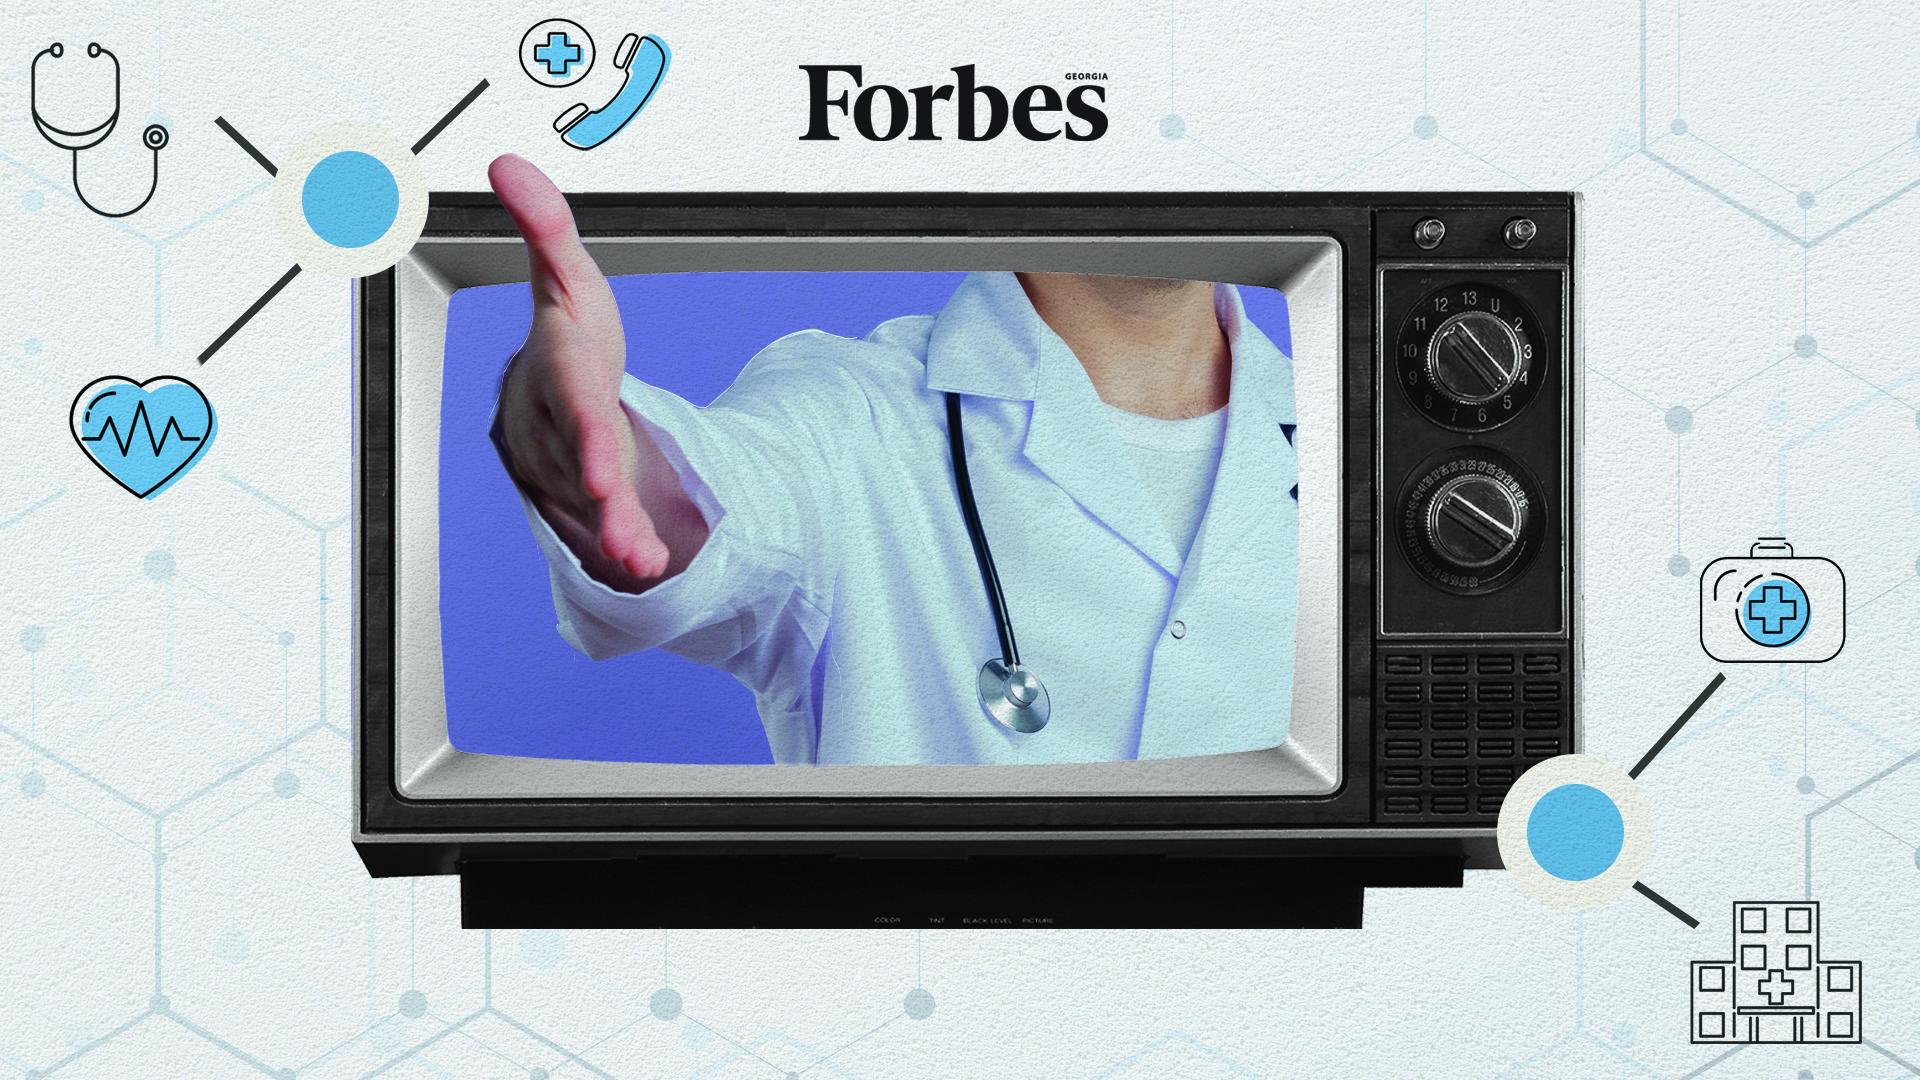 ტელემედიცინა – XXI საუკუნის ჯანდაცვის გამოწვევა